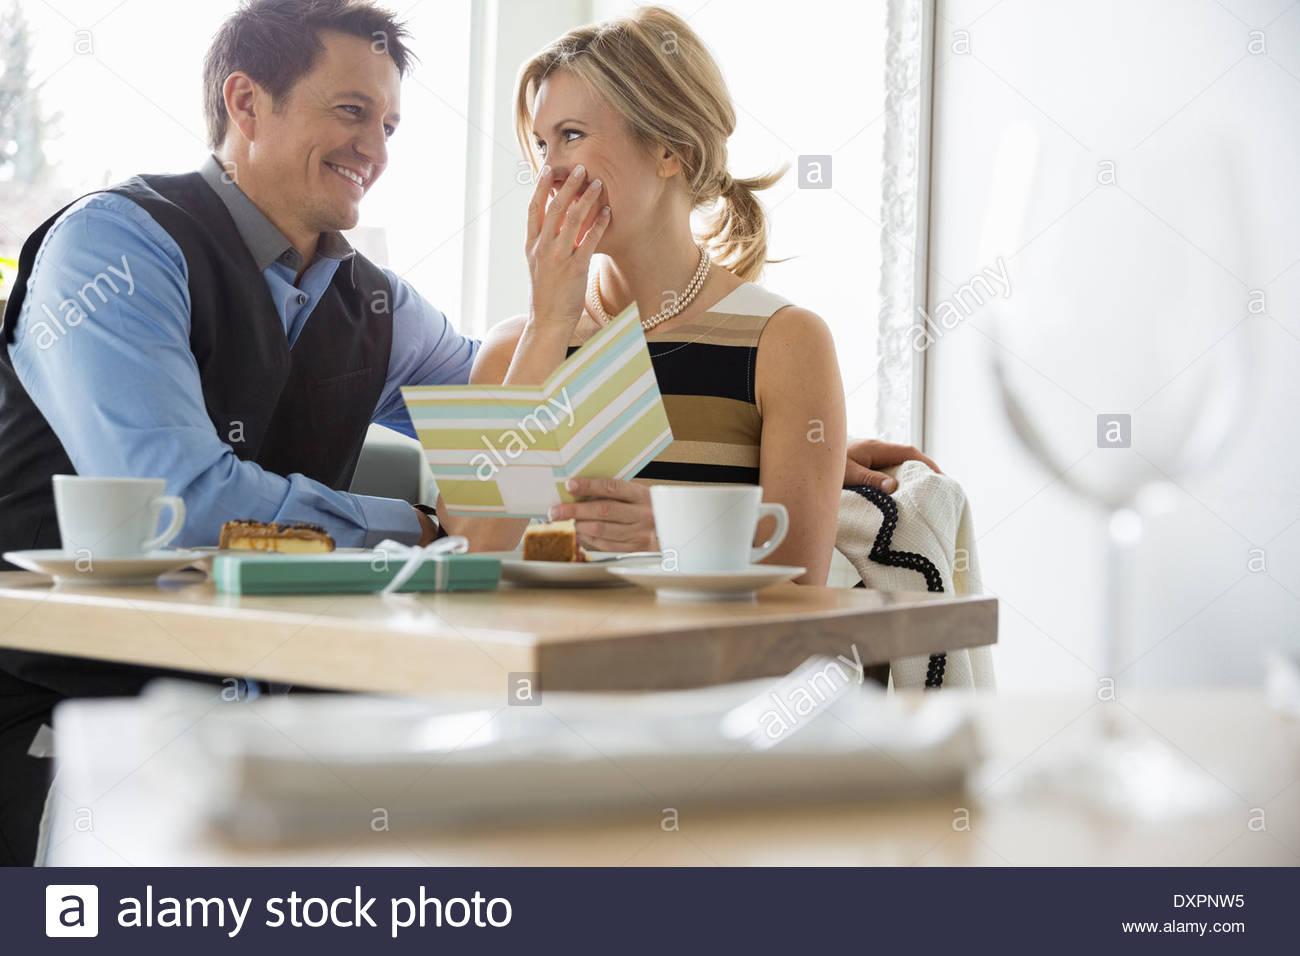 Hombre Mujer sorprendente con la tarjeta en el bistro tabla Imagen De Stock